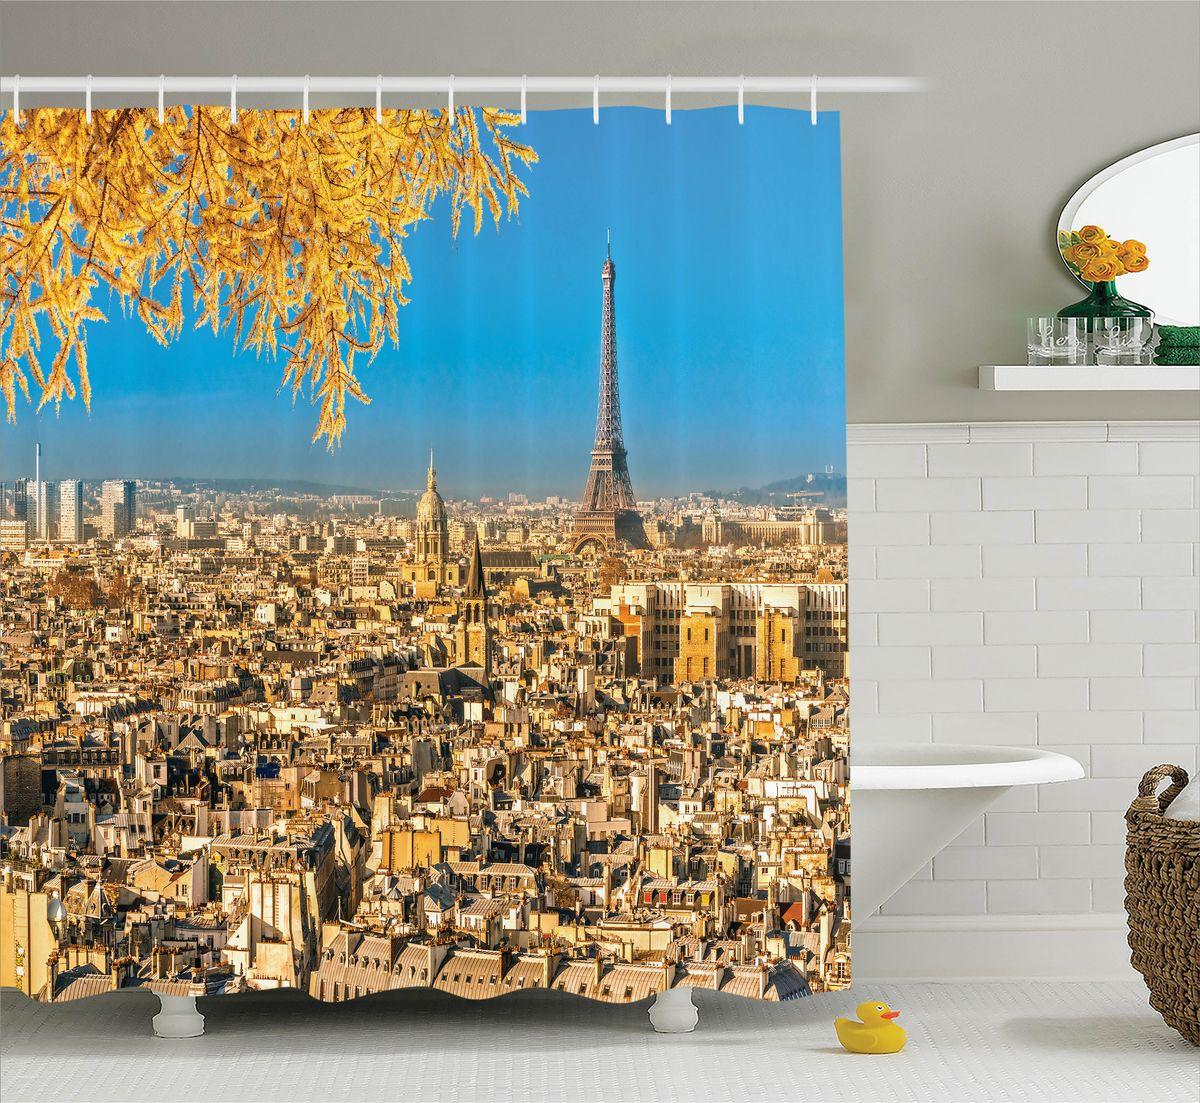 Штора для ванной комнаты Magic Lady Осенний Париж, 180 х 200 см531-401Штора Magic Lady Осенний Париж, изготовленная из высококачественного сатена (полиэстер 100%), отлично дополнит любой интерьер ванной комнаты. При изготовлении используются специальные гипоаллергенные чернила для прямой печати по ткани, безопасные для человека.В комплекте: 1 штора, 12 крючков. Обращаем ваше внимание, фактический цвет изделия может незначительно отличаться от представленного на фото.